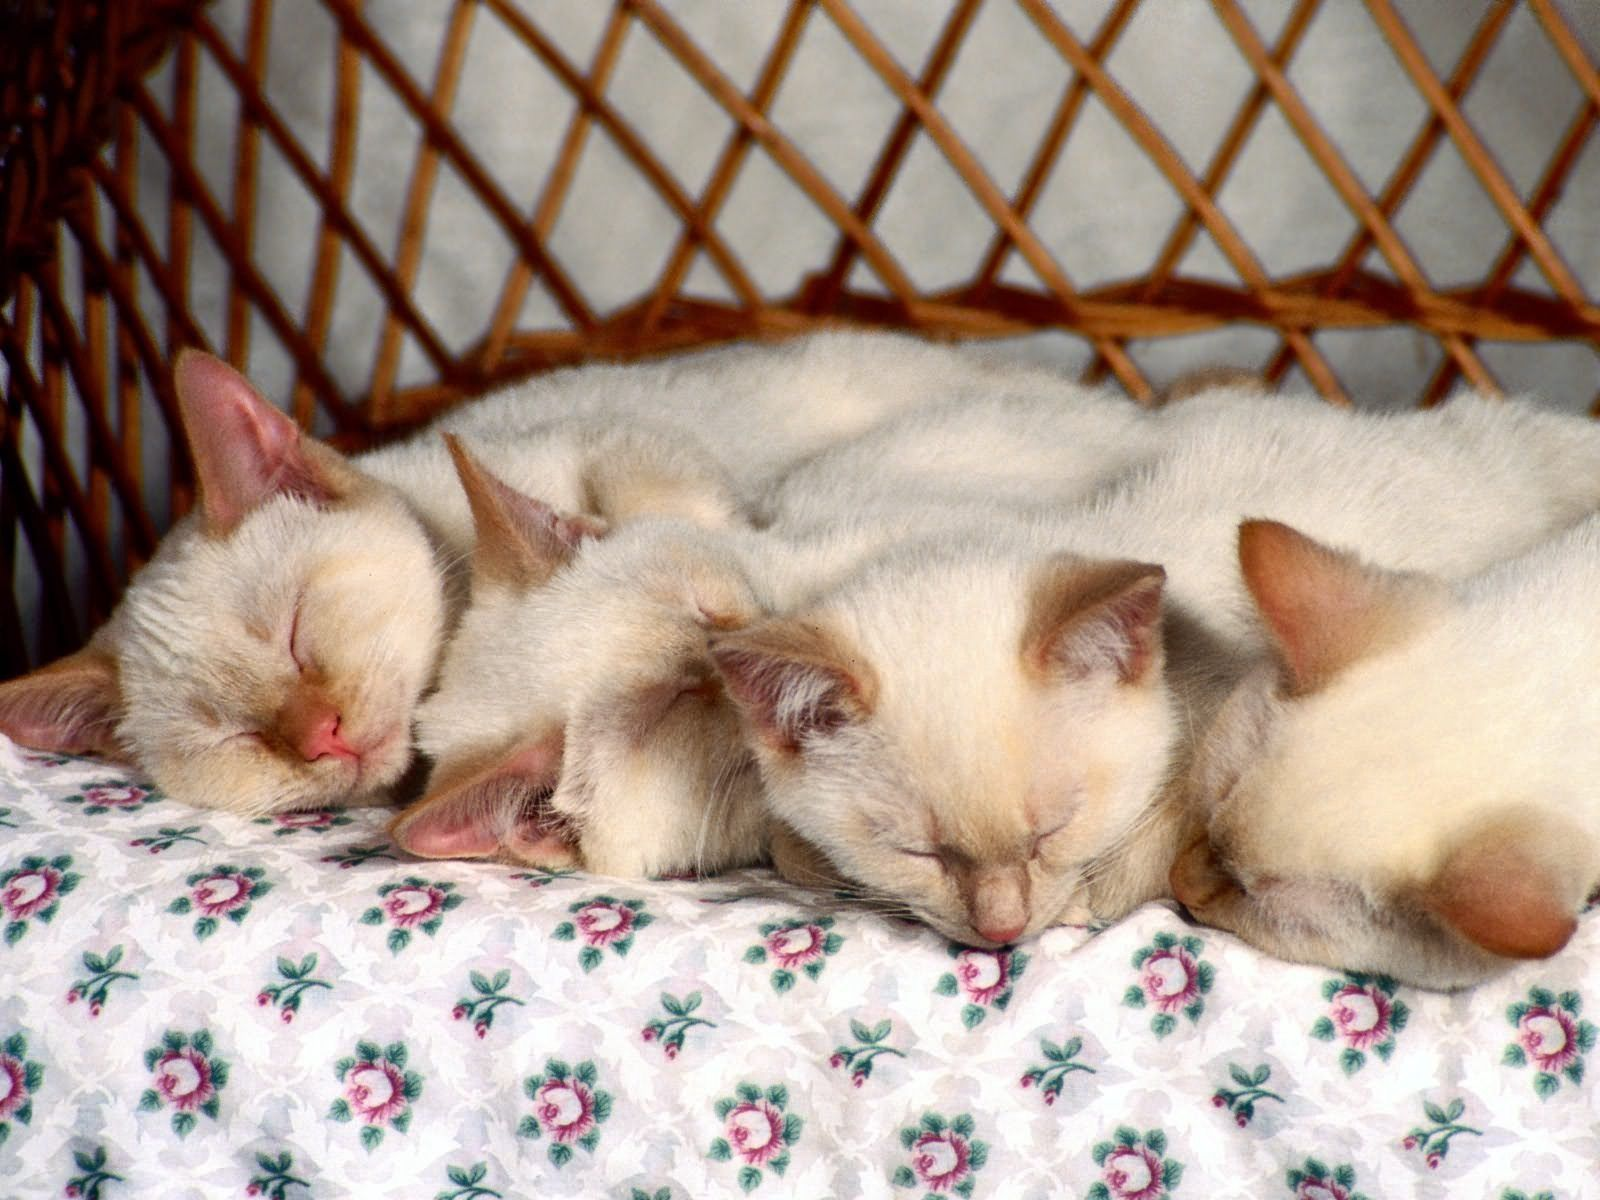 97166 Hintergrundbild herunterladen Tiere, Kinder, Kätzchen, Viel, Schlafen, Kleinkinder - Bildschirmschoner und Bilder kostenlos